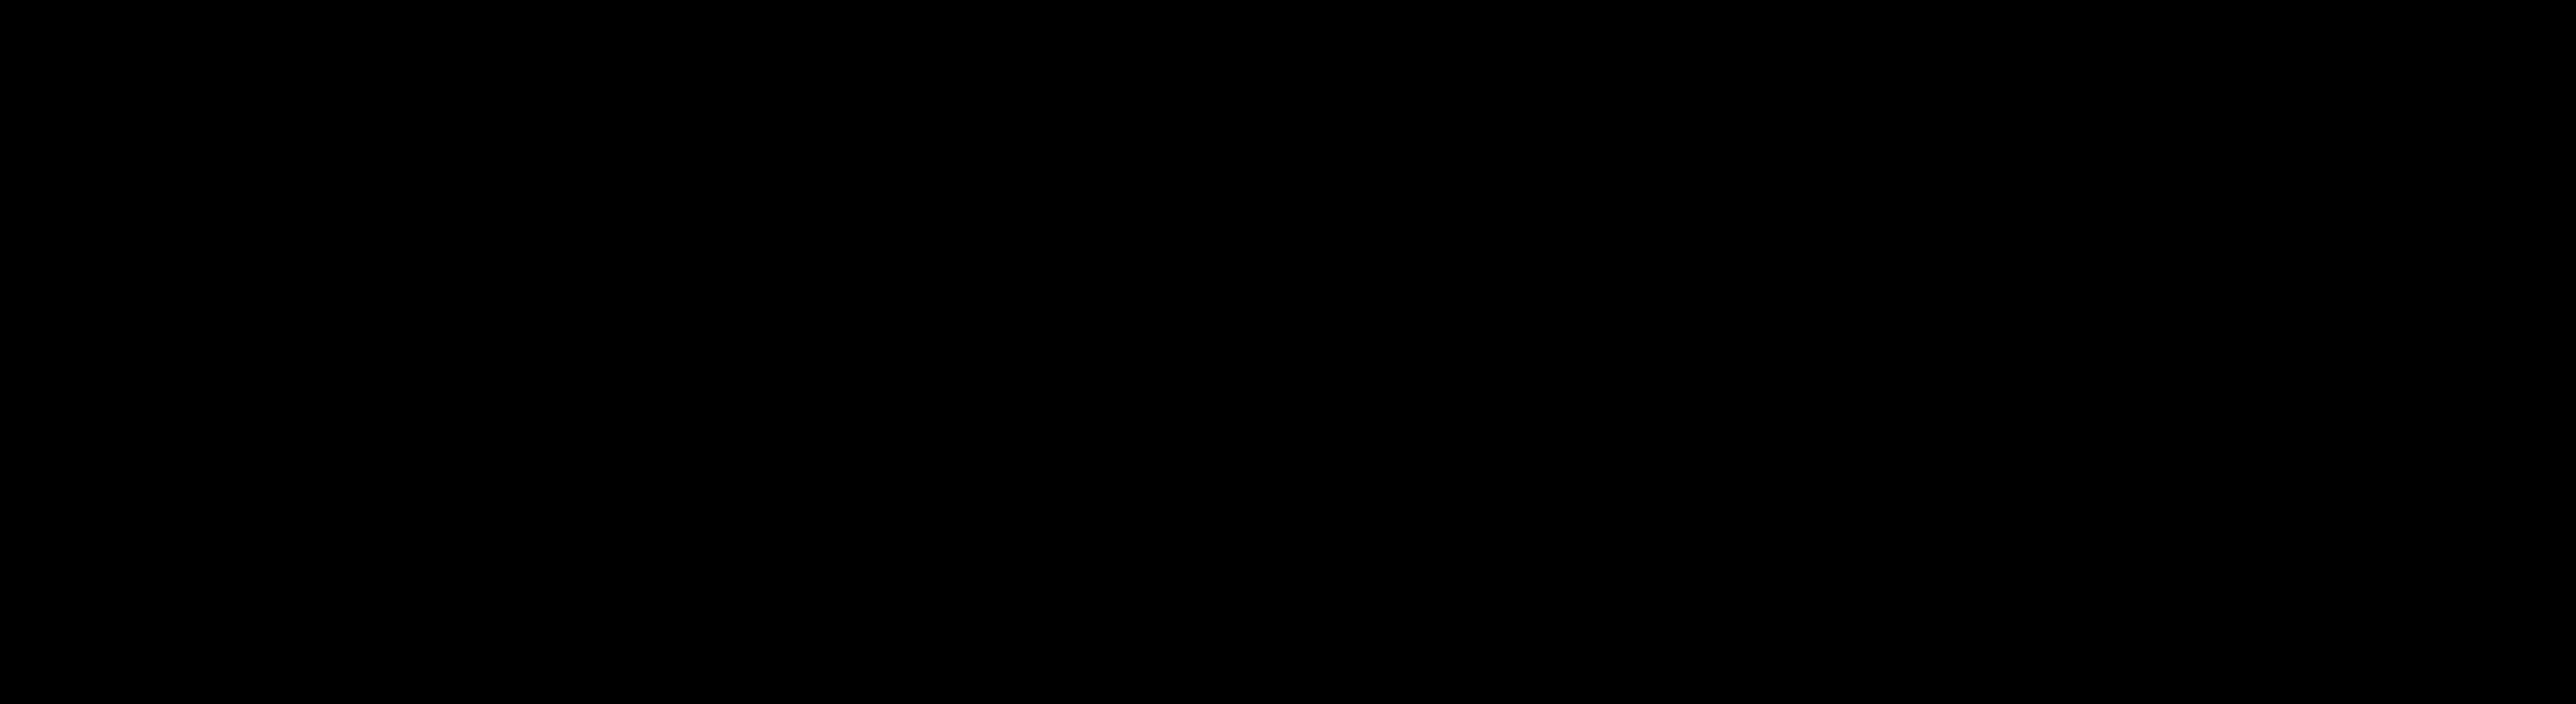 AltitudeLogoBlack